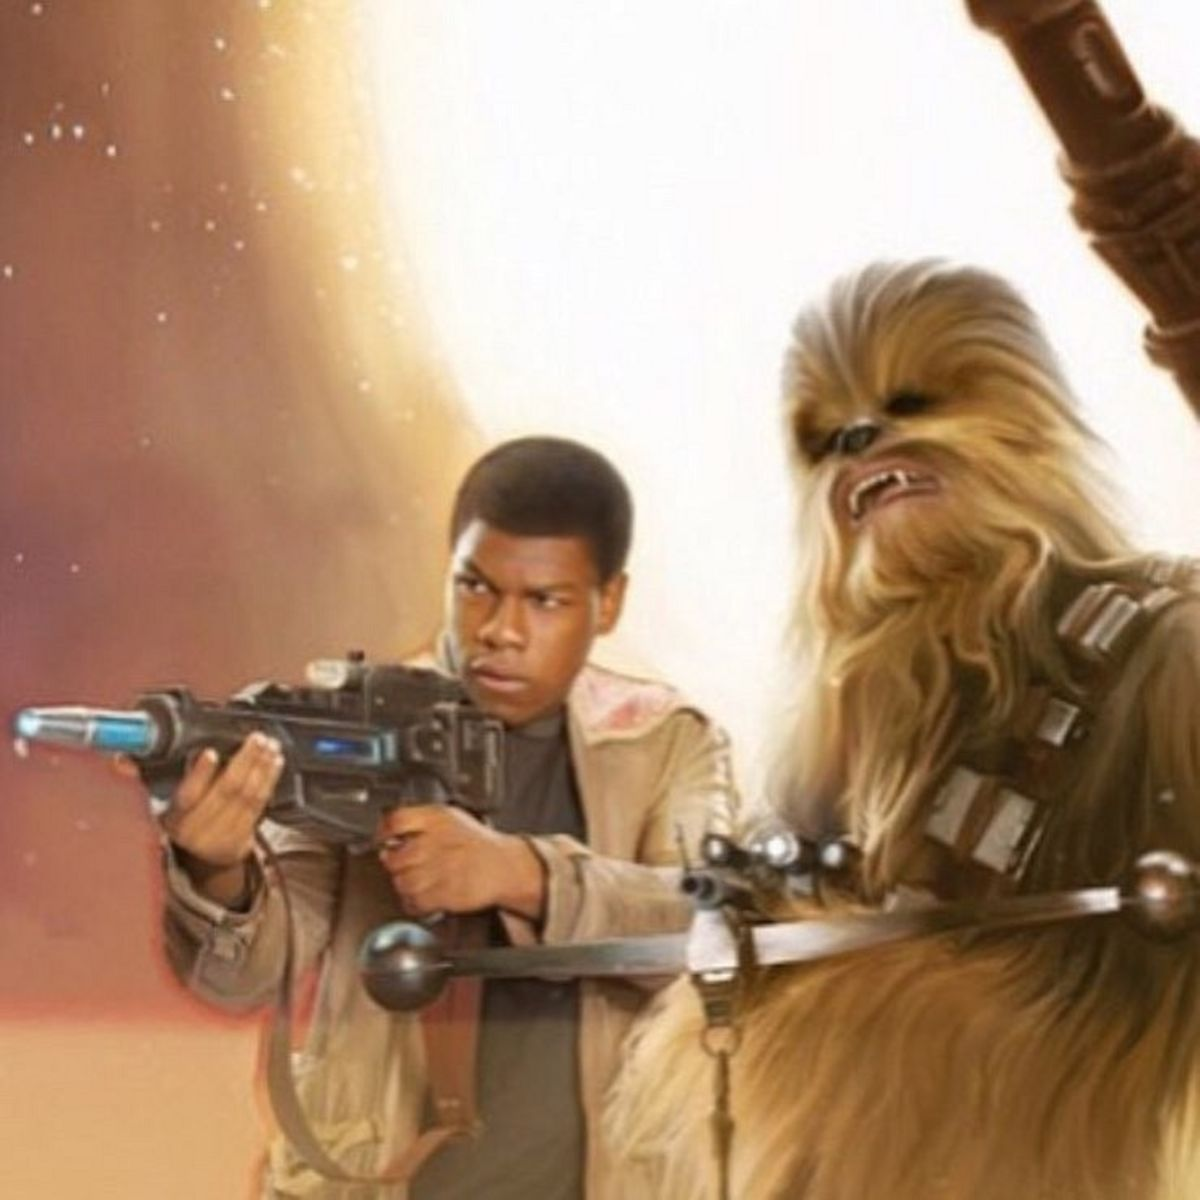 John-Boyega-Finn-Chewbacca-Star-Wars-Image_0.jpg